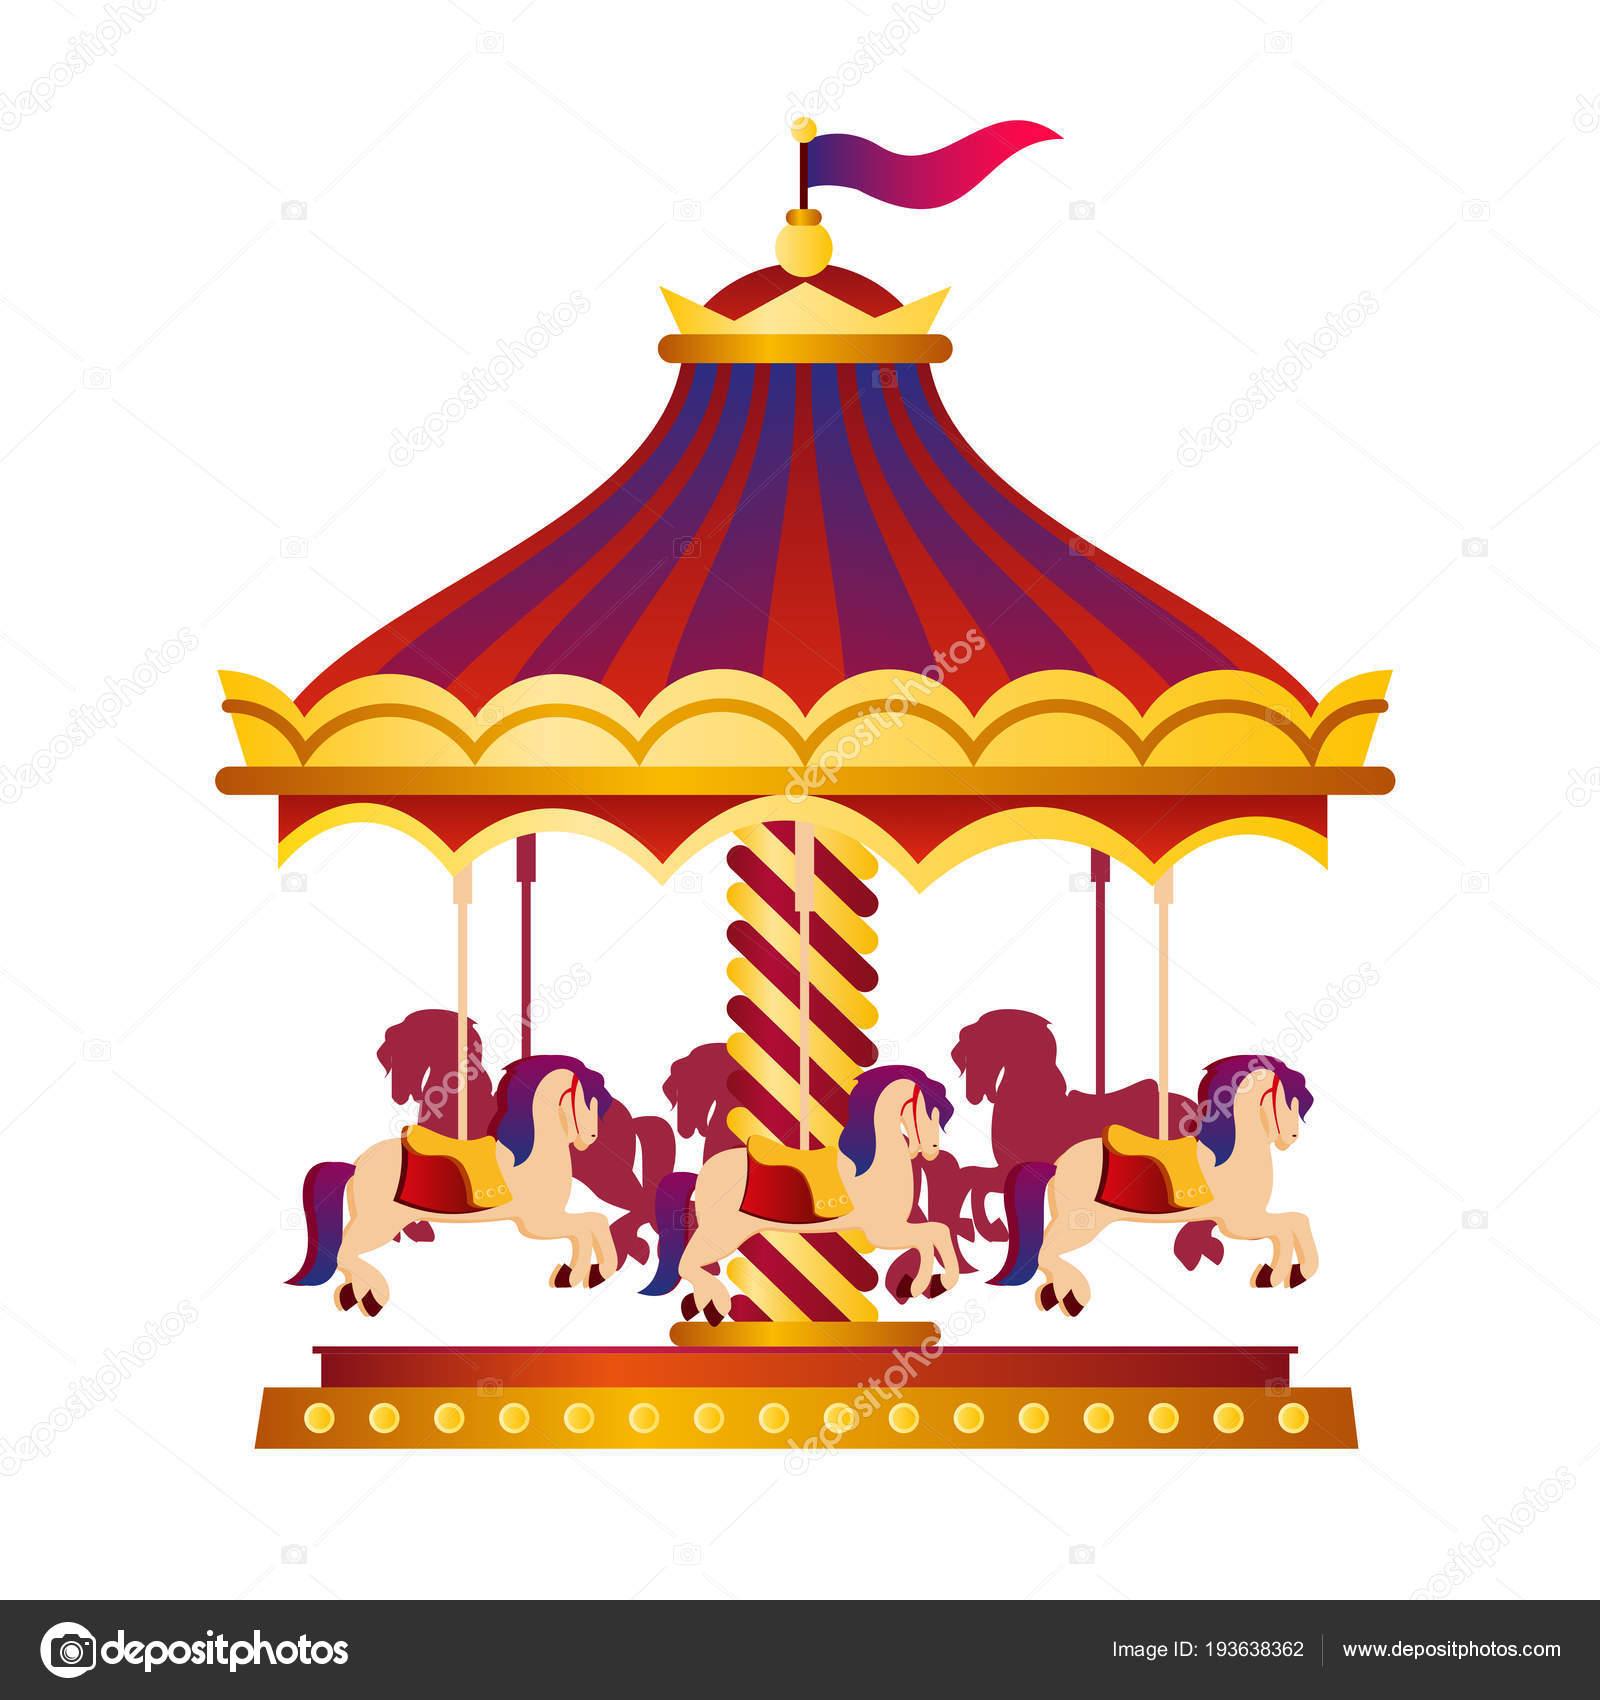 Carrousel Dessin illustration vectorielle de carrousel de cirque coloré et lumineux